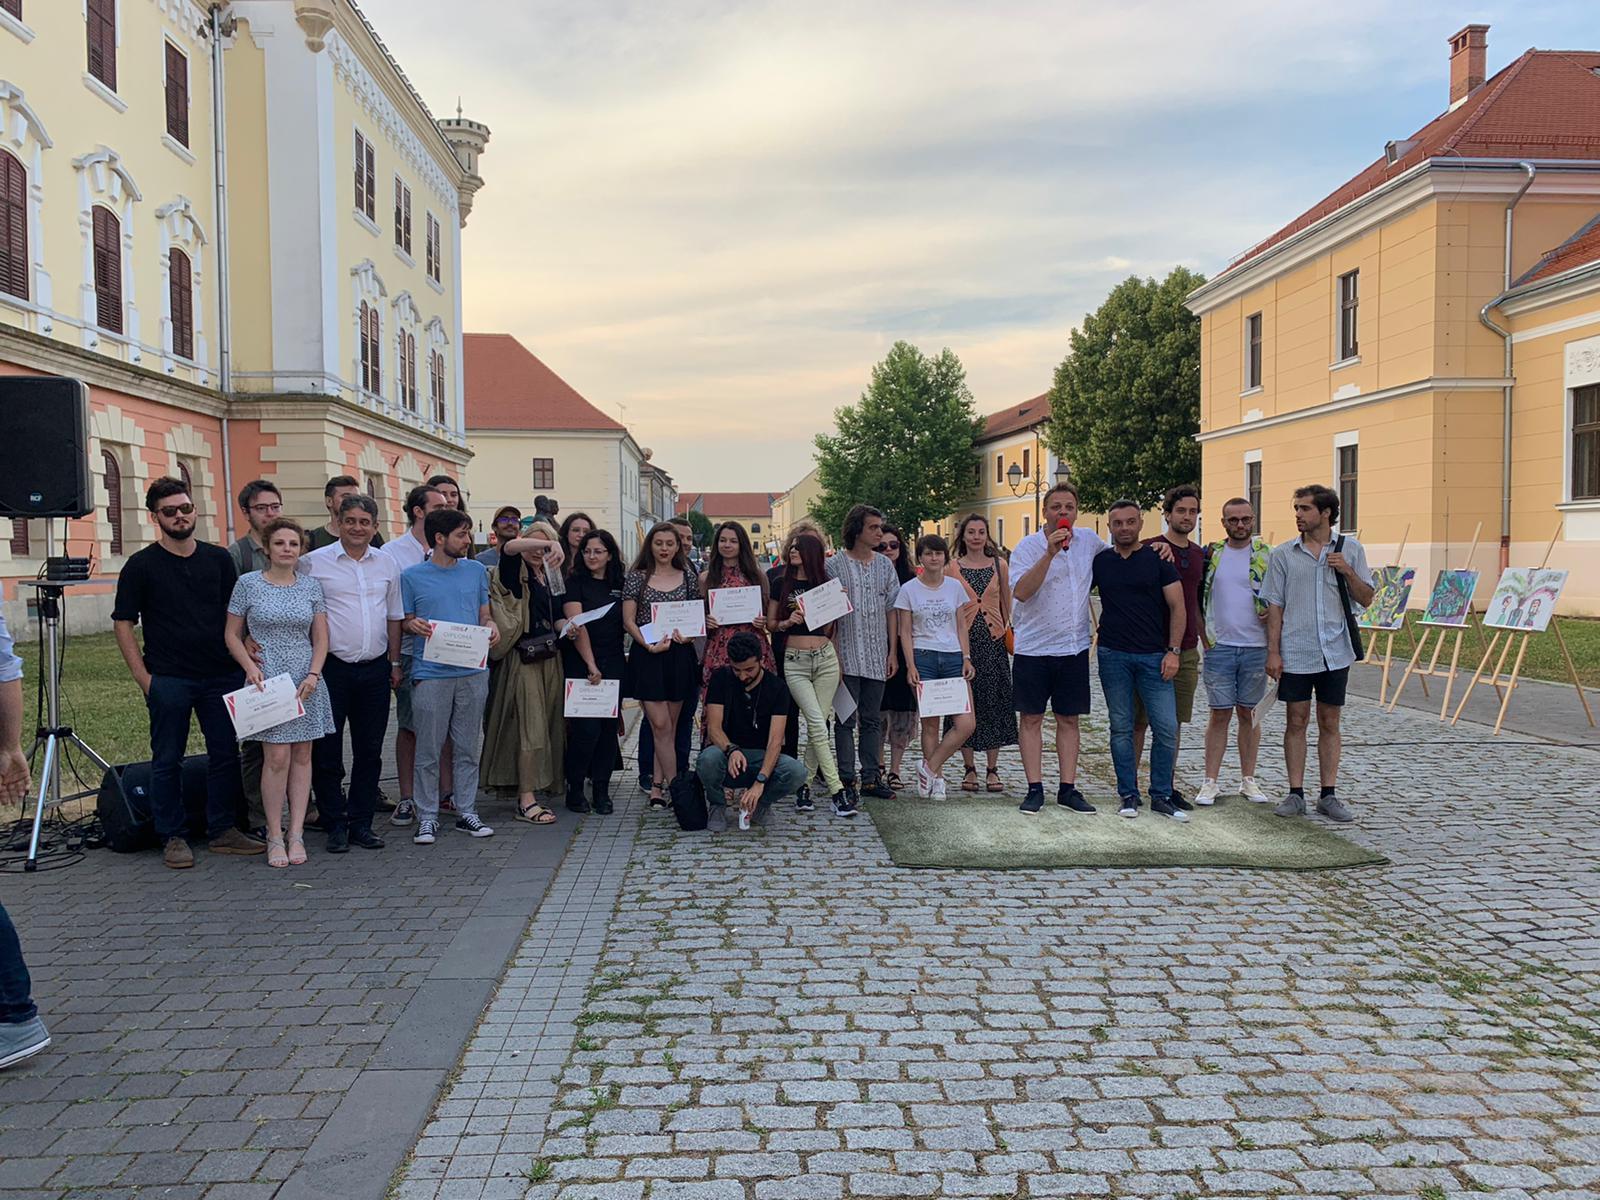 Am fost la Alba Iulia să citesc poezie: Stand-Up Poetry, totul e fantastic cu poezia română contemporană